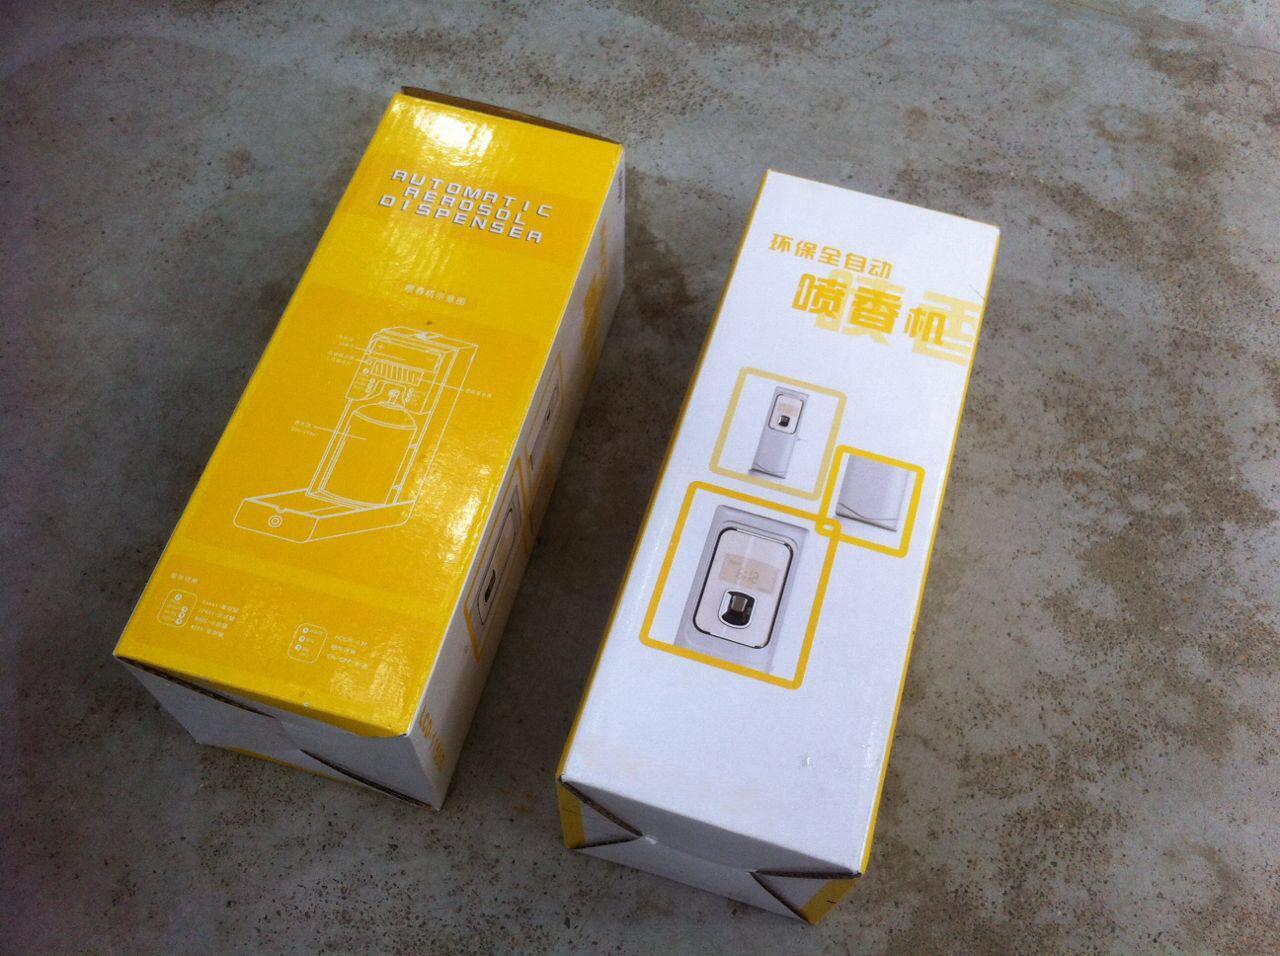 自动喷香机带遥控器定时飘香机 厕所智能香水机酒店扩香机 香氛机 7